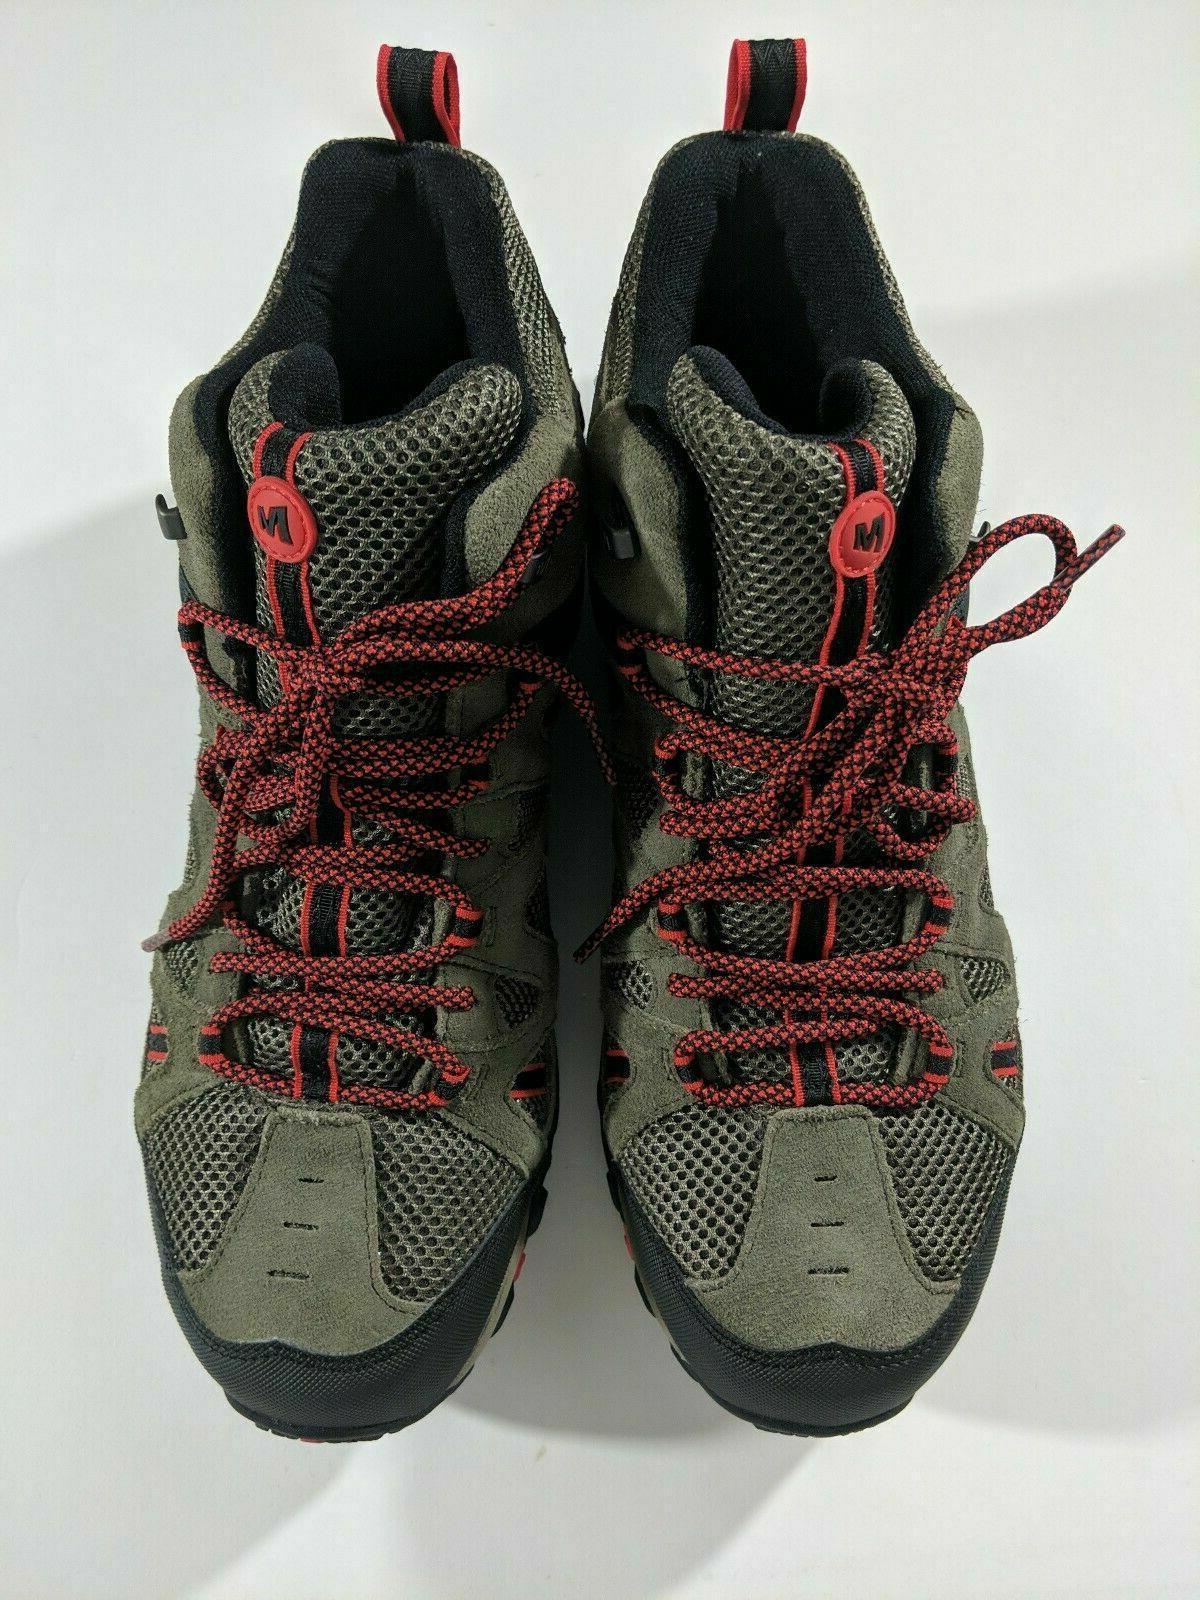 Merrell Deverta Mid Hiking Boots Red J375799C